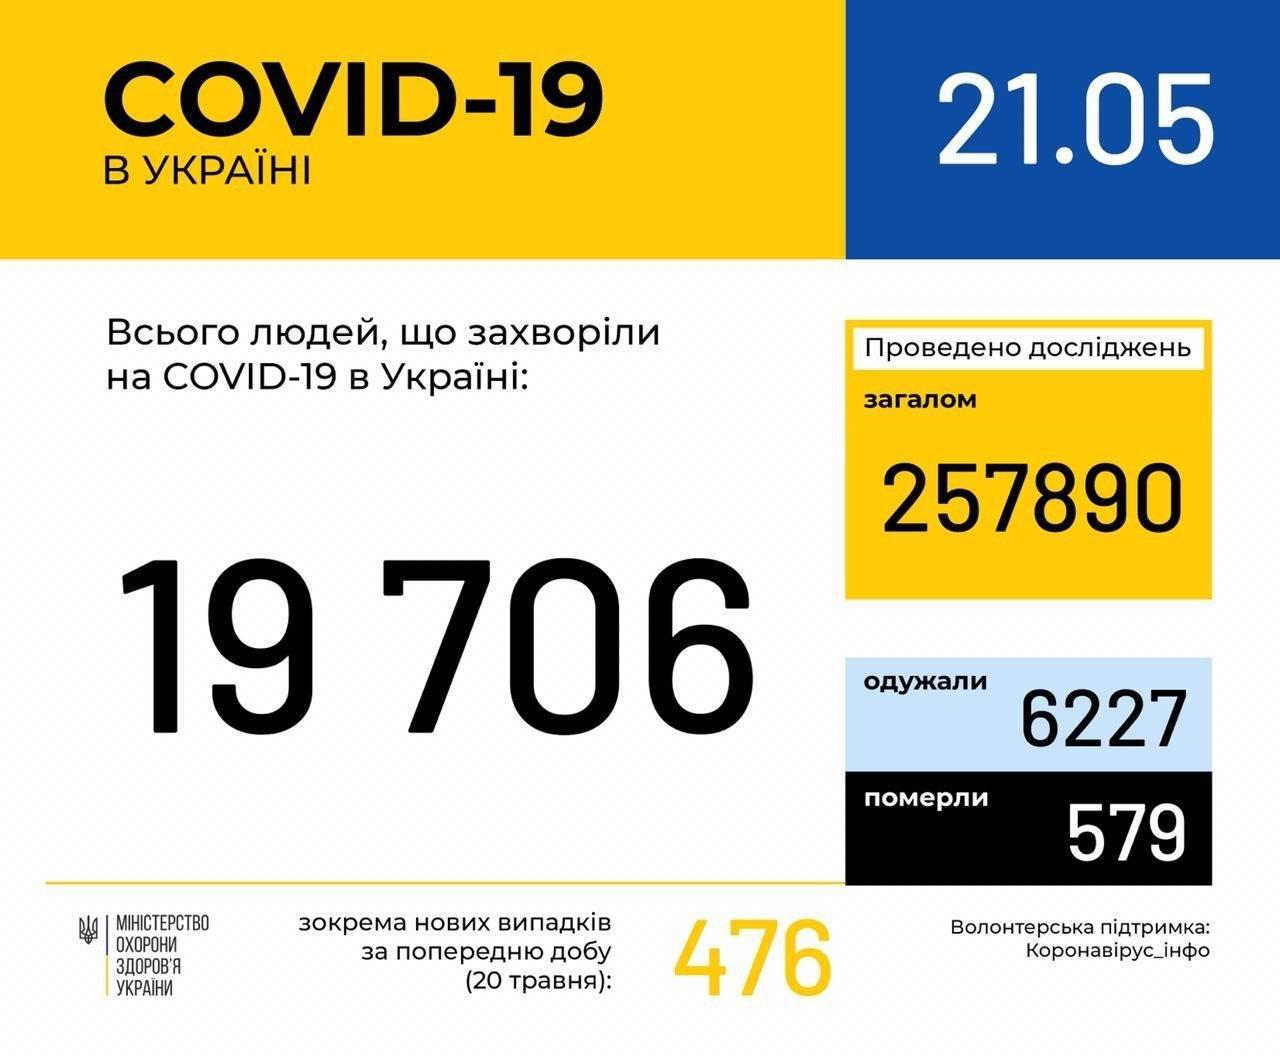 Коронавирус в Украине: самое важное на сегодня, - КАРТА , фото-1